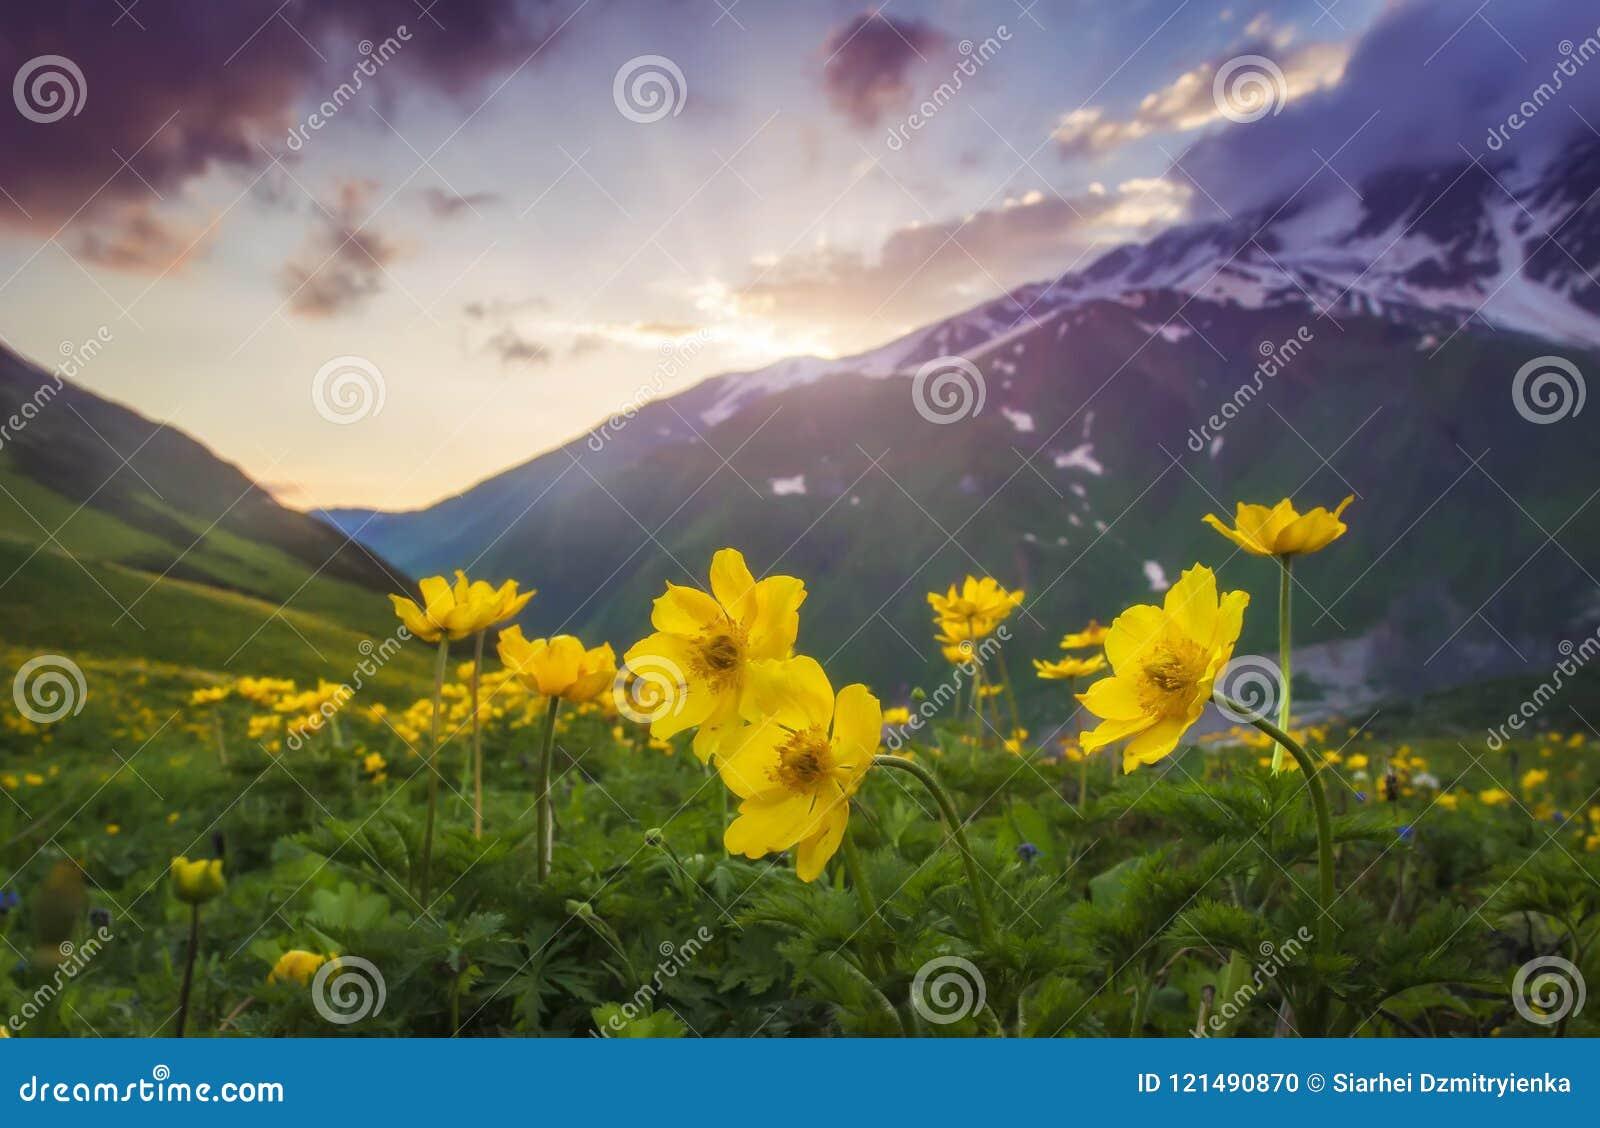 Paisaje de montañas hermosas en la puesta del sol Flores amarillas en primero plano en prado de la montaña en el cielo de la tard